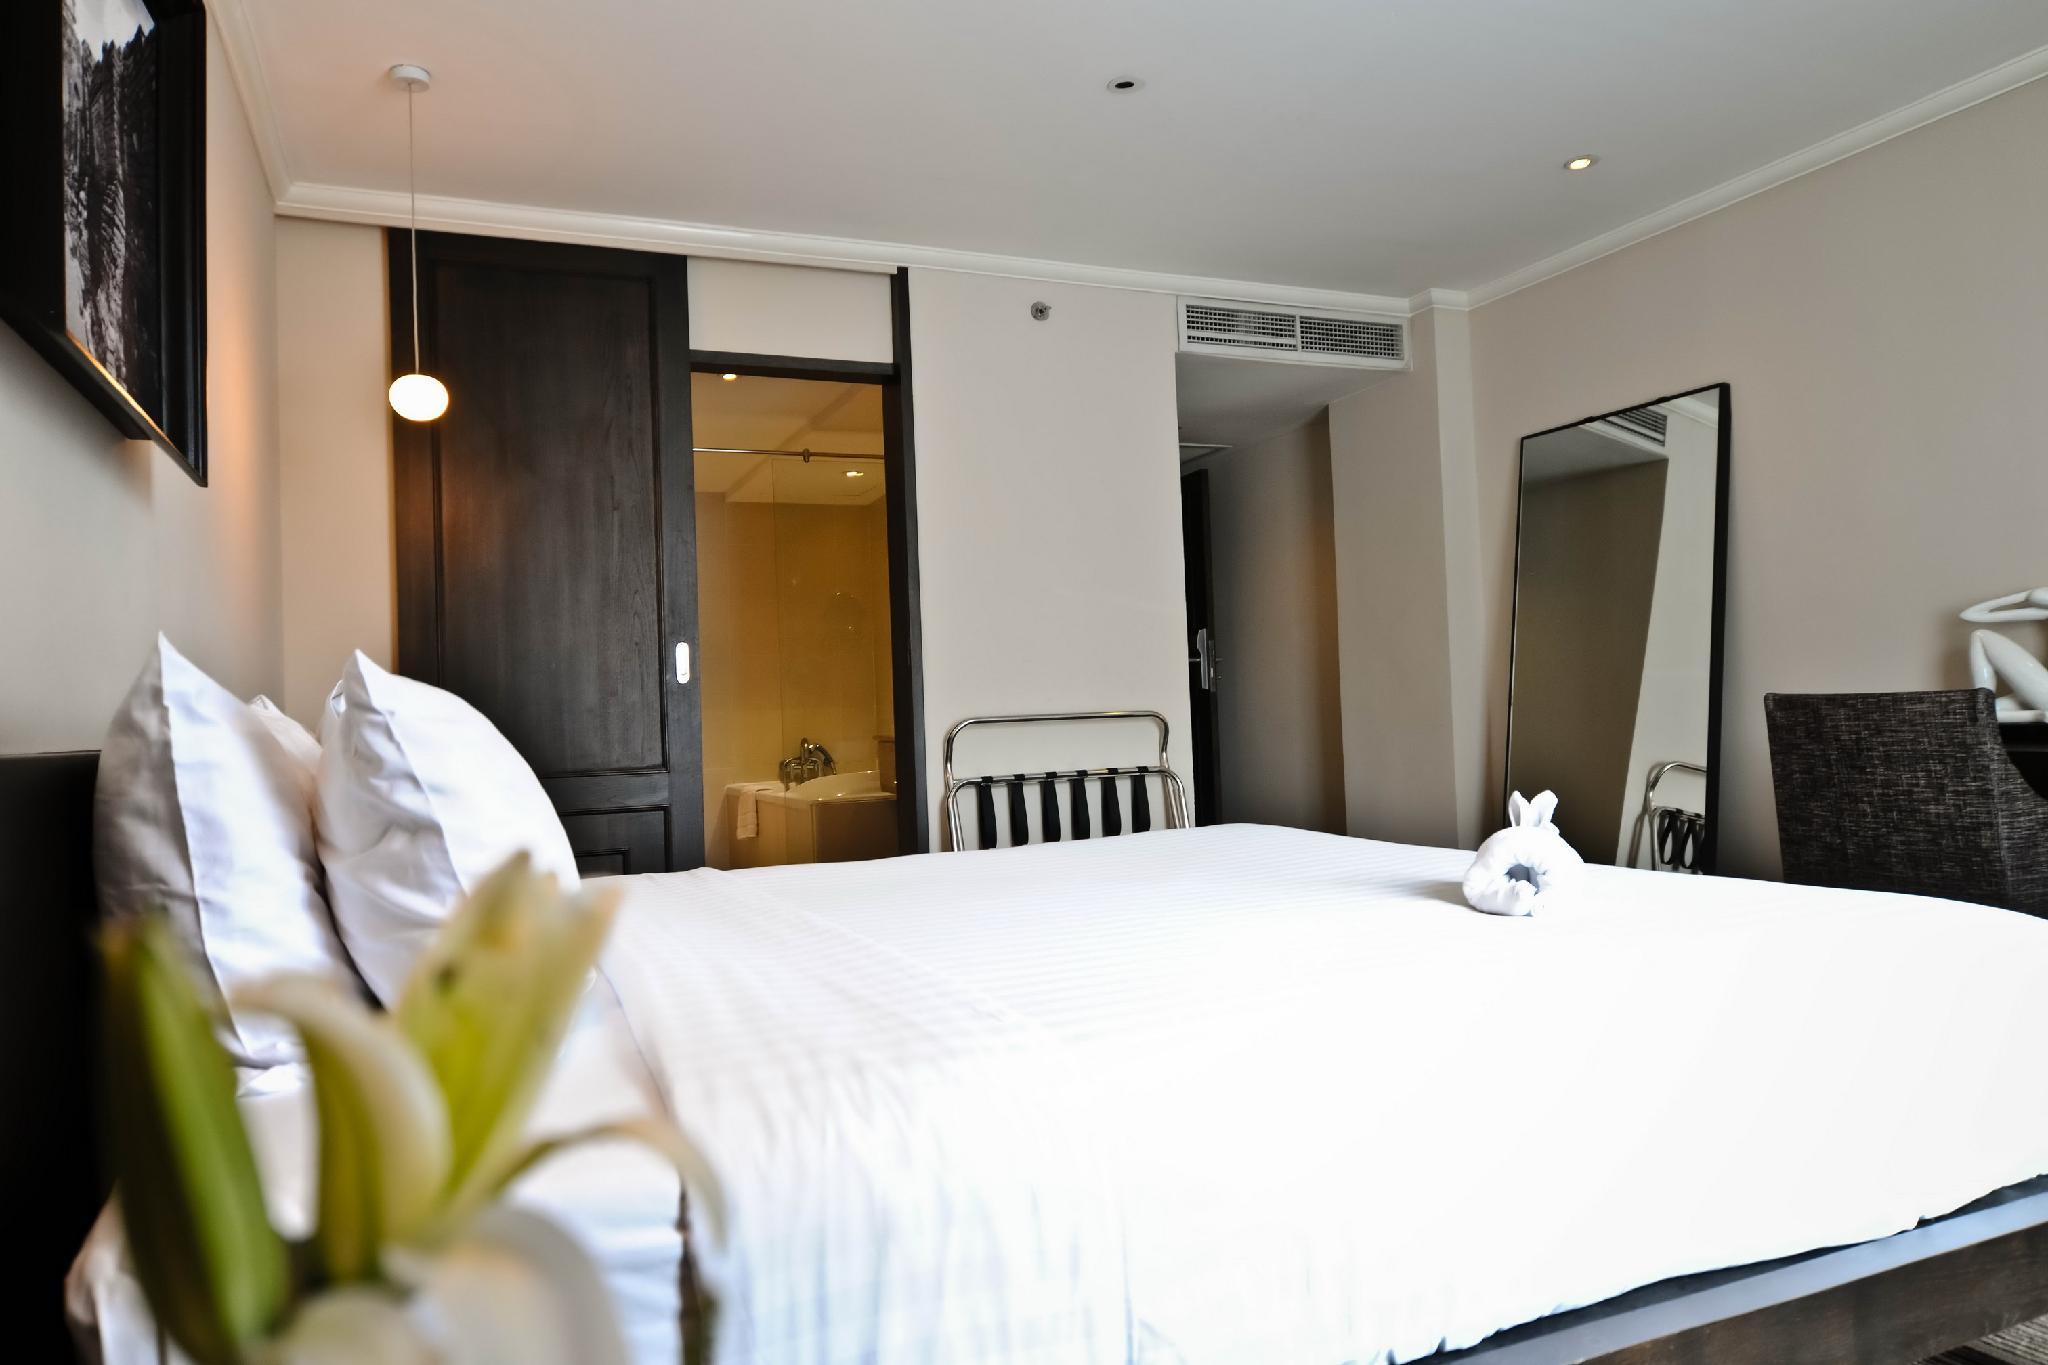 โรงแรมเอส 15 สุขุมวิท